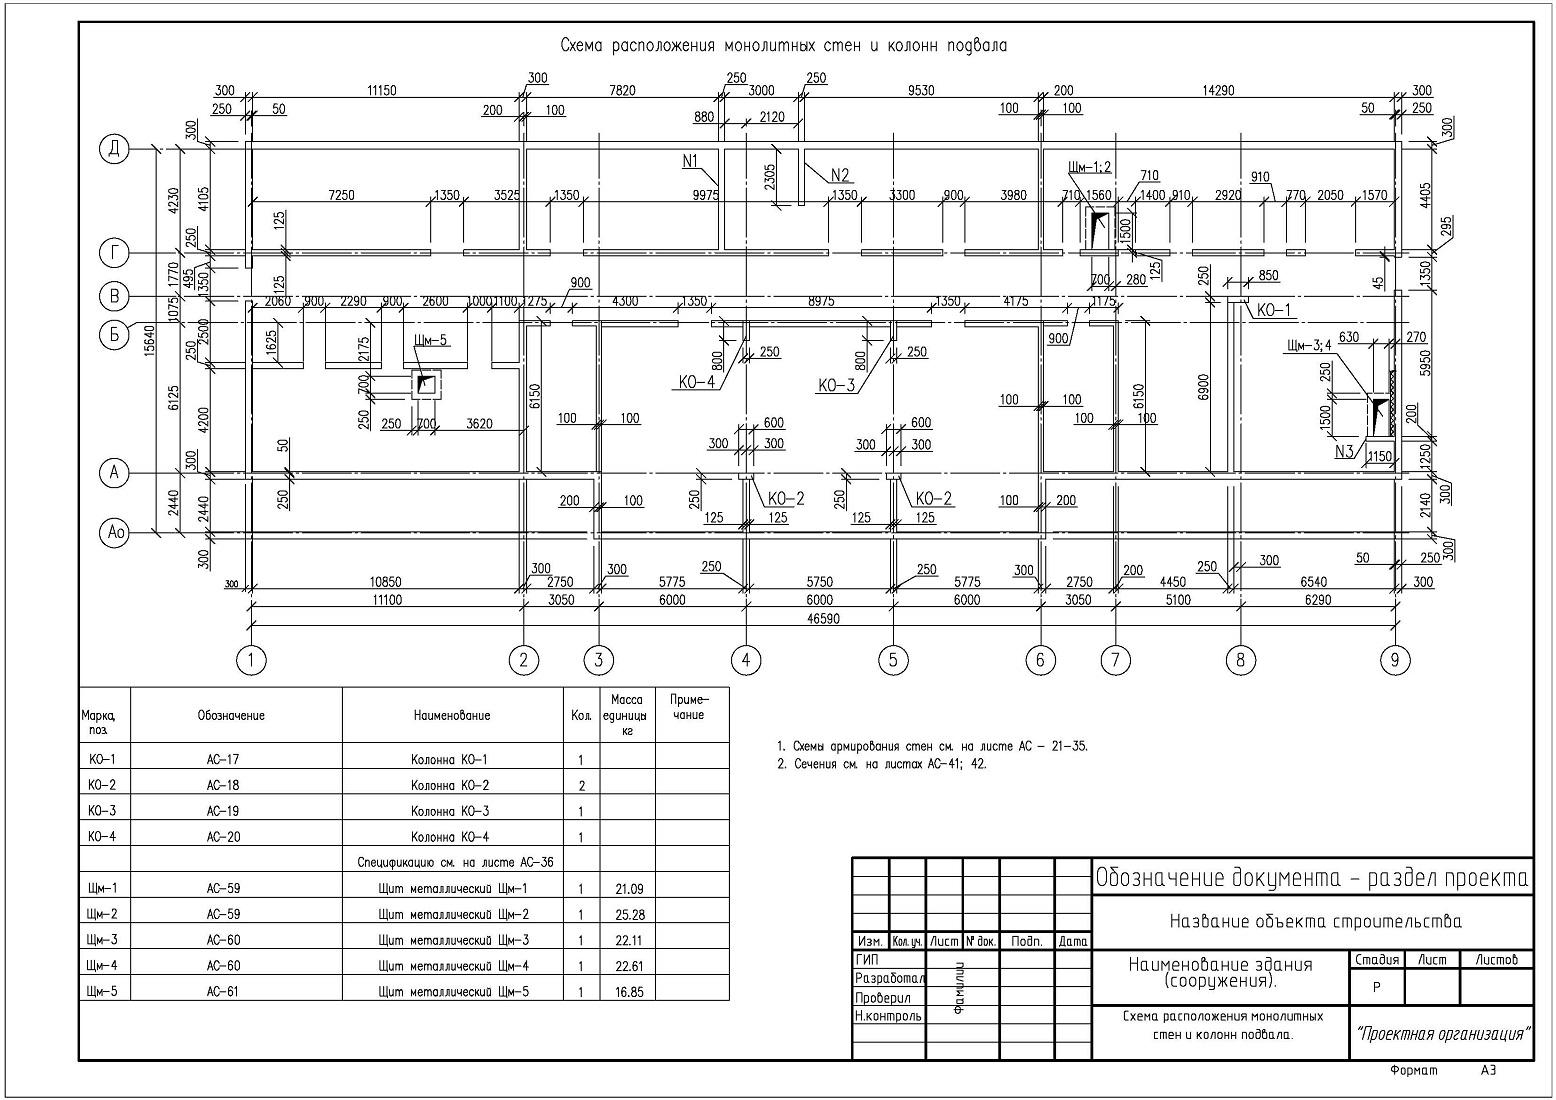 Схема расположения монолитных стен.